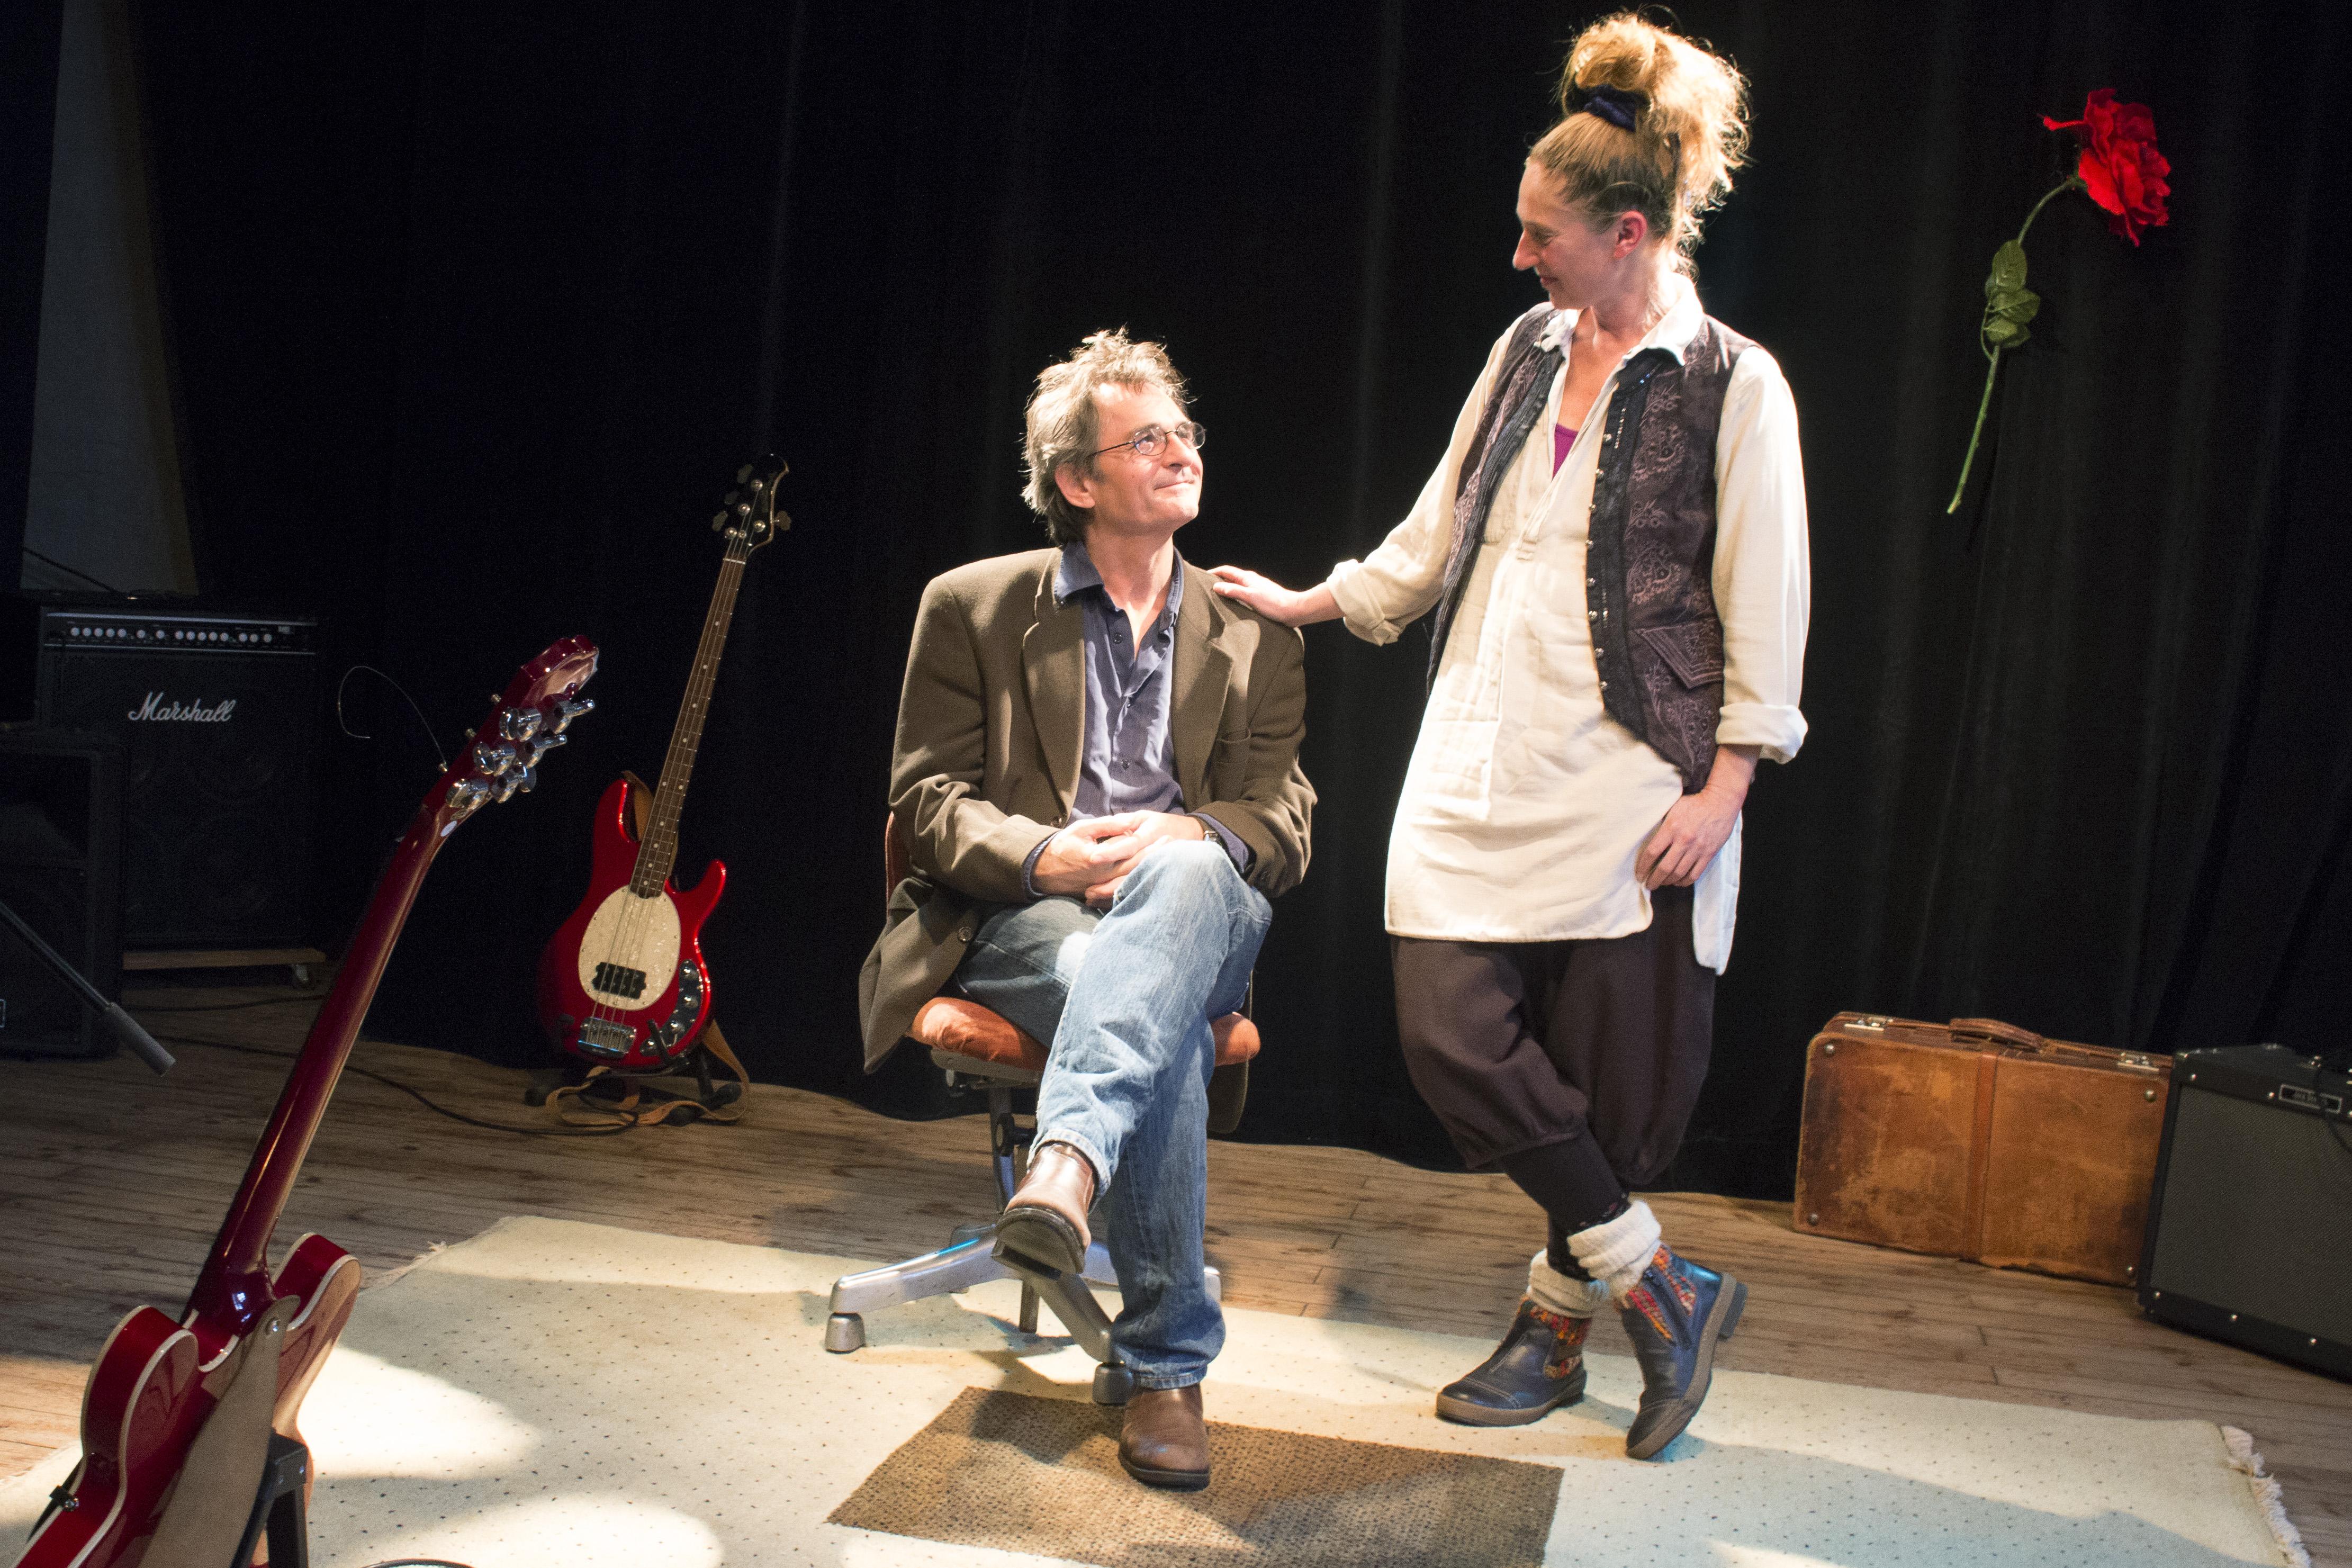 Janna Eriksson och Mladen Puric är skådespelare och driver Teater Kapija och Hotell Vagabond.